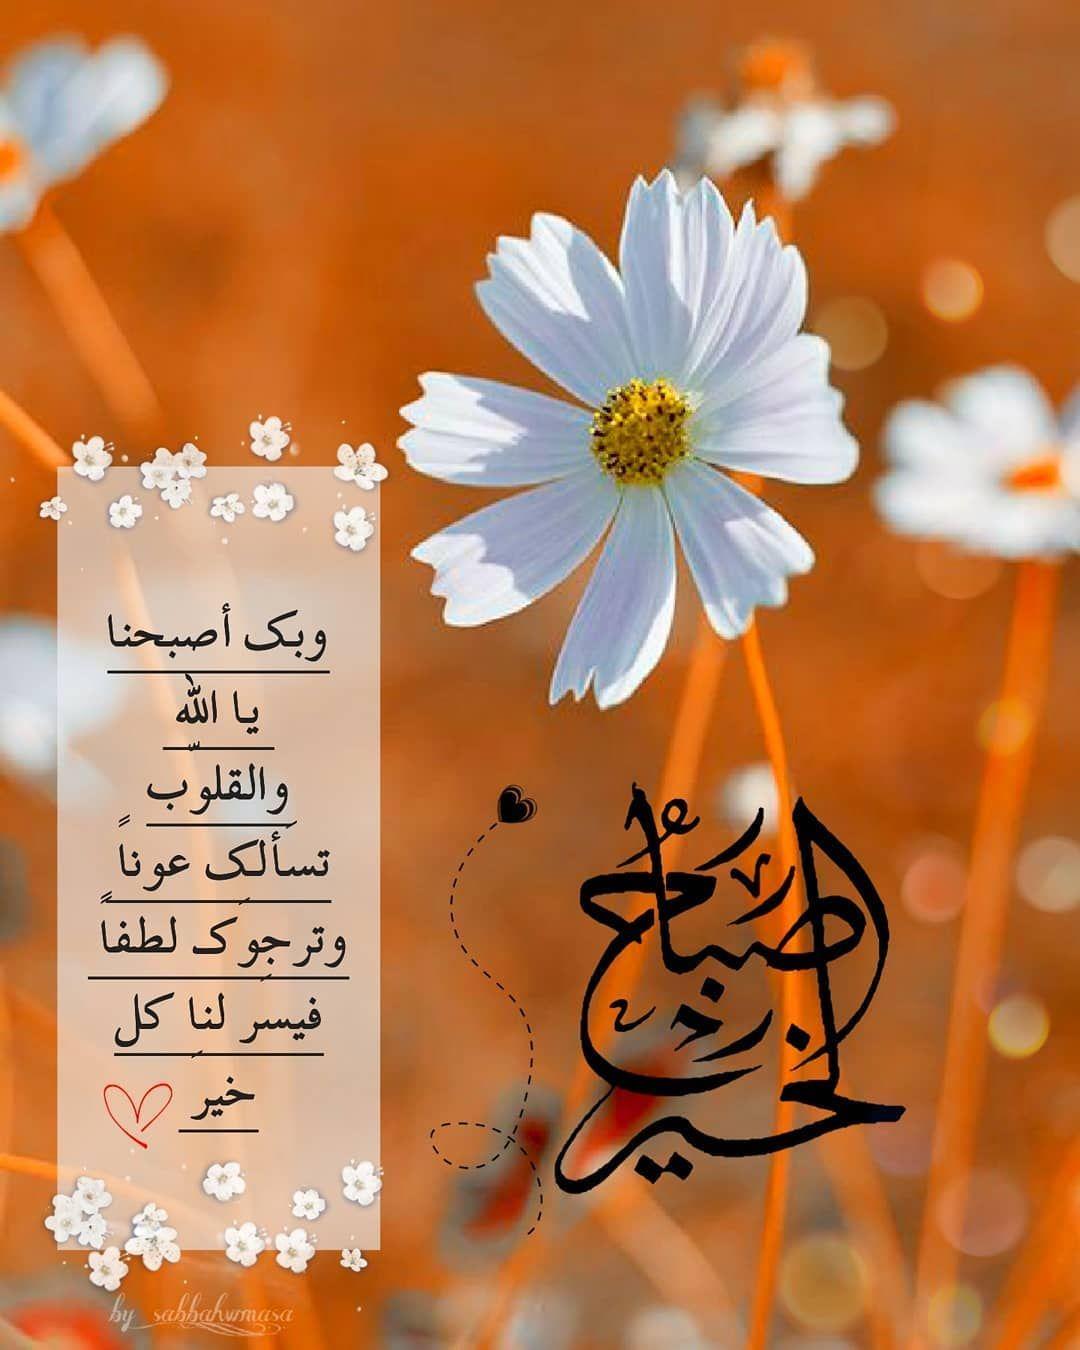 صبح و مساء On Instagram صباح الخيرات والمسرات صباح الورد صب Good Evening Wishes Good Morning Arabic Good Morning Greetings